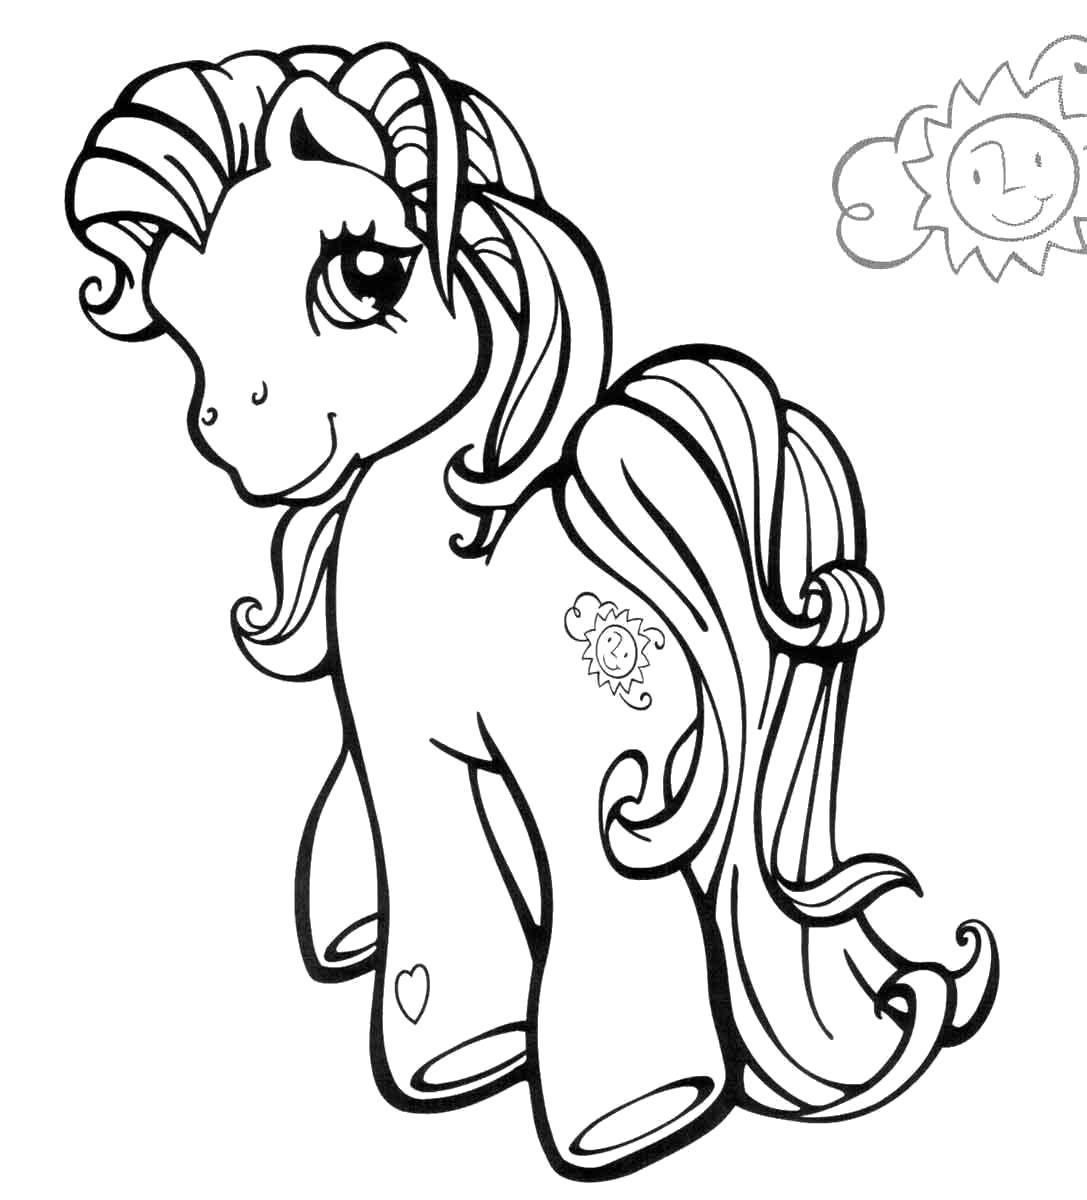 Раскраска пони уходит. Скачать пони.  Распечатать пони